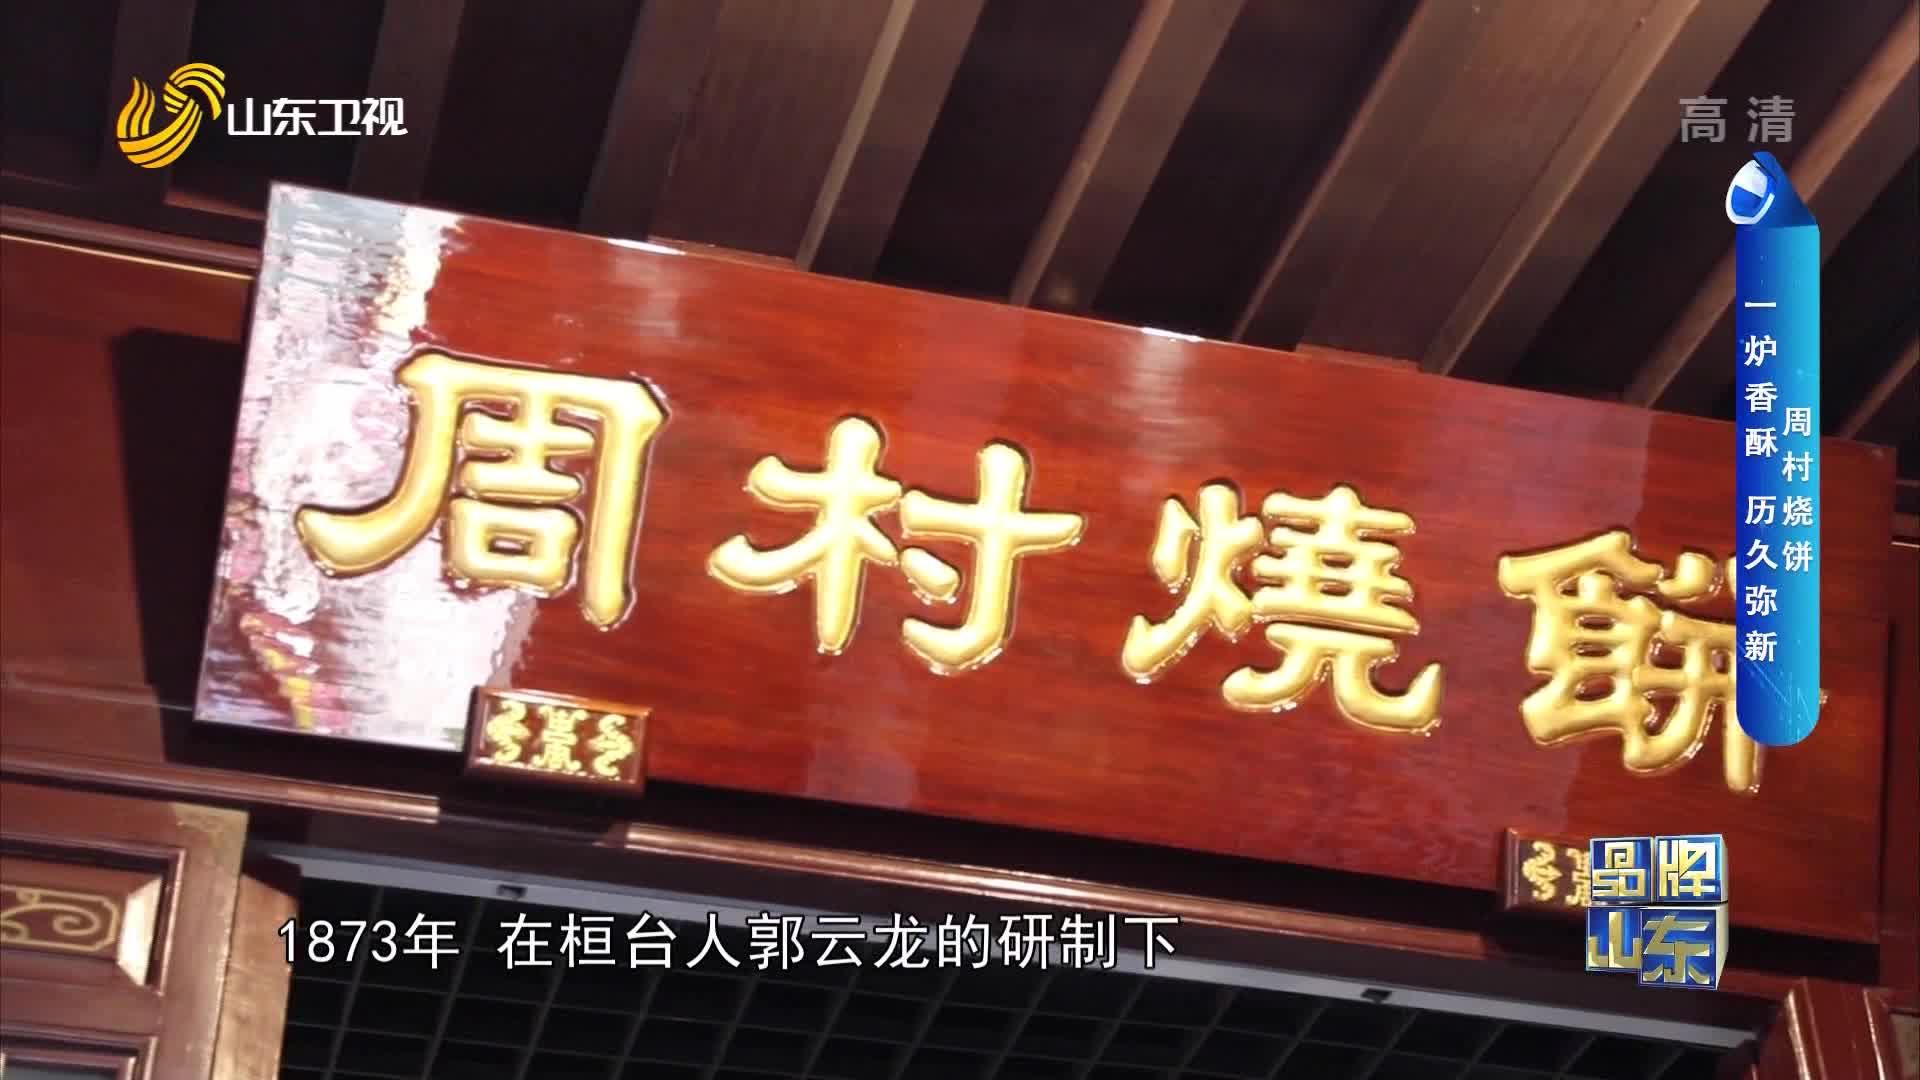 【品牌馨对话】周村烧饼:一炉香酥 历久弥新